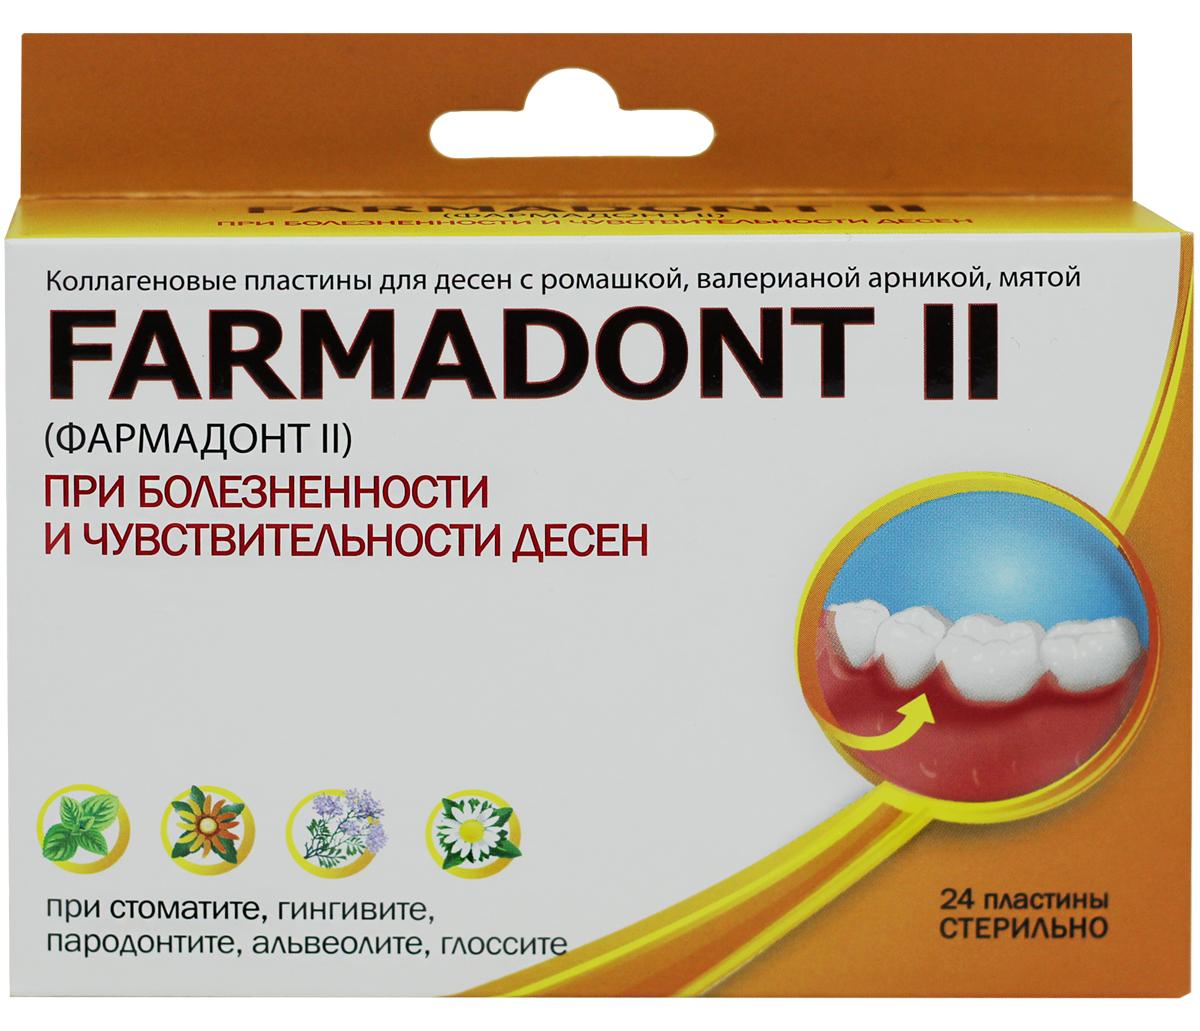 Farmadont (Фармадонт II) Коллагеновые пластины для десен c ромашкой, валерианой, арникой, мятойИ при болезненности и чувствительности десен, №24 Фармадонт